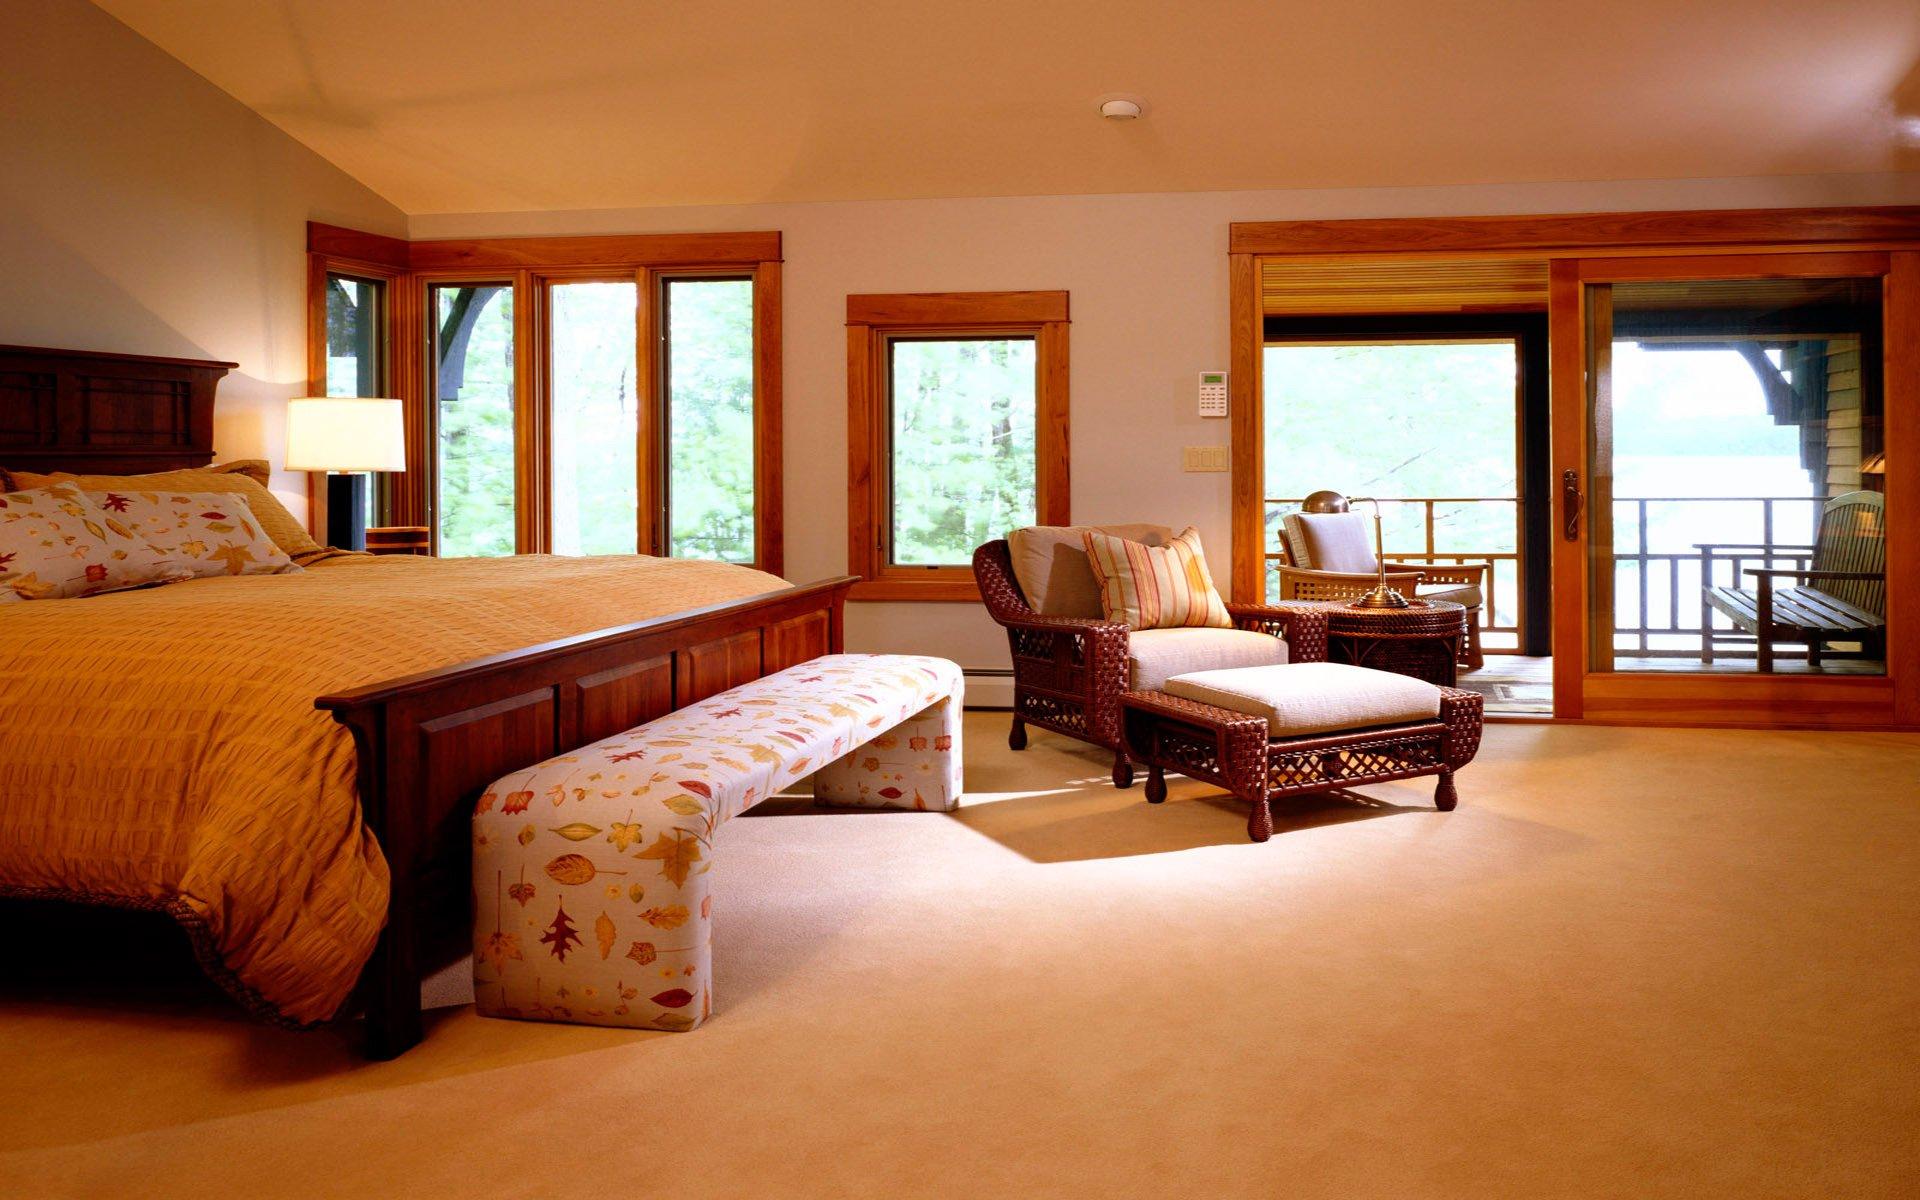 Интерьер спальня комната кровать  № 3537188 бесплатно